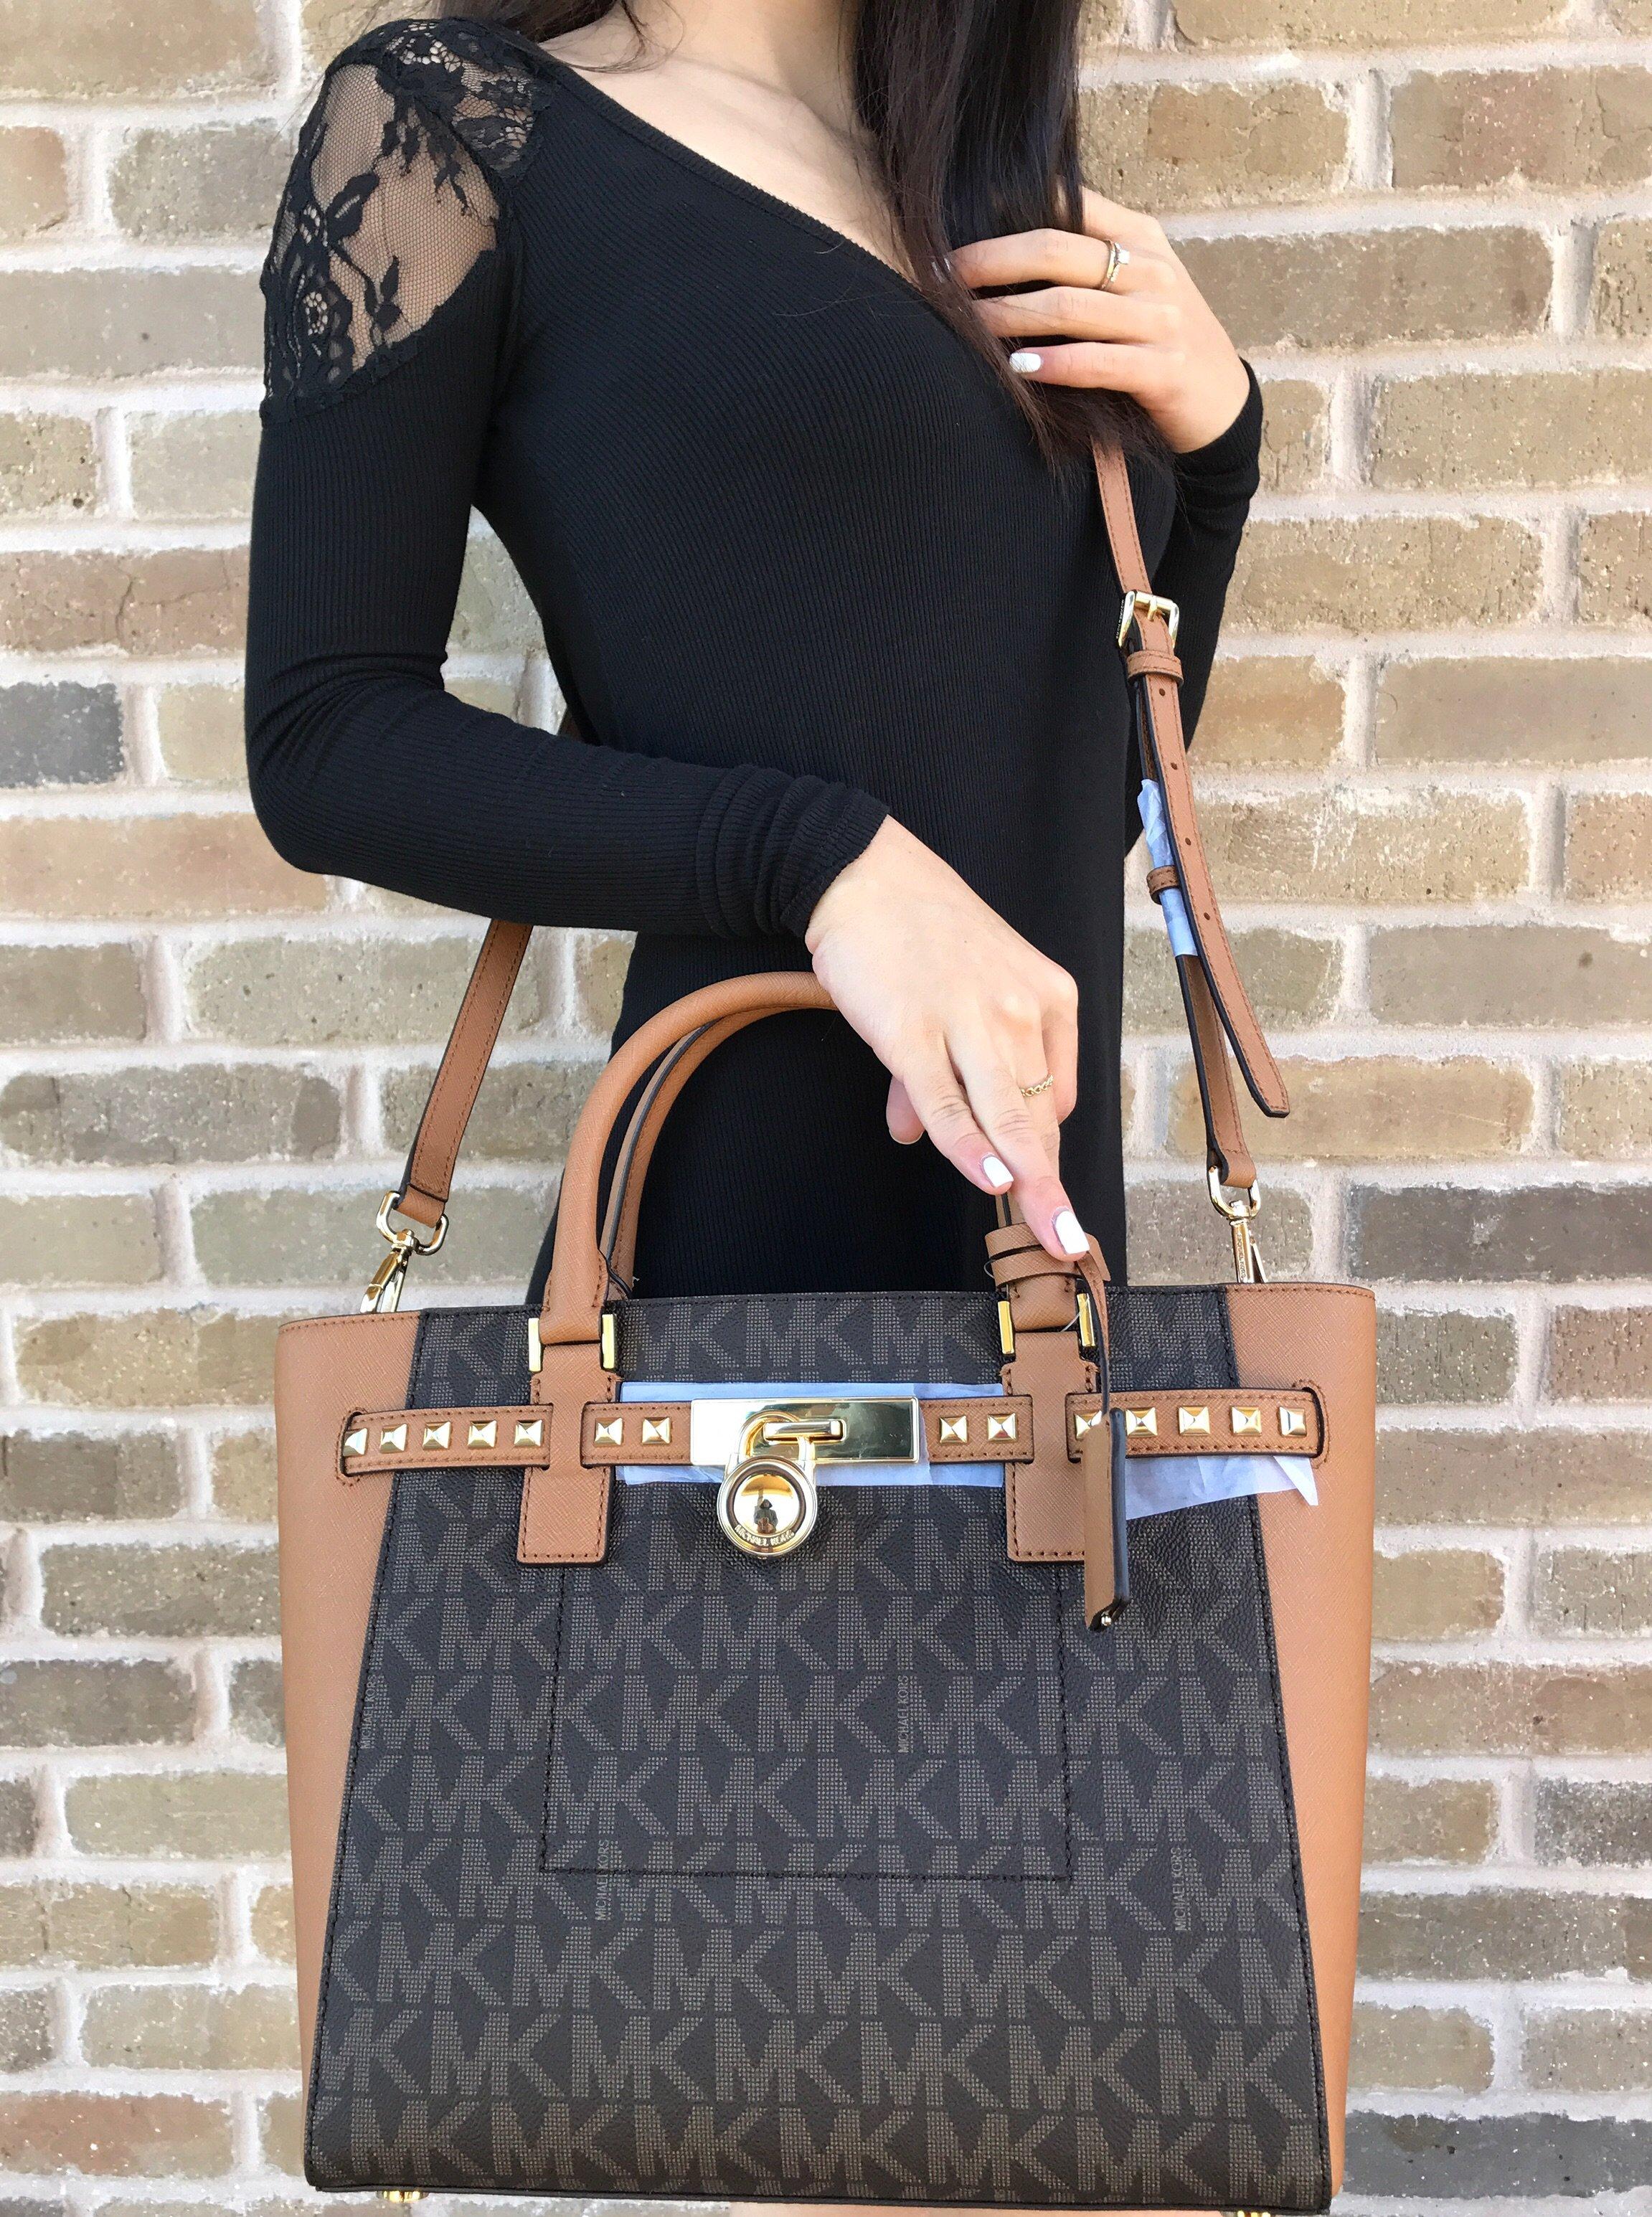 38e2cc1235b28 ... Large Leather Satchel Retail 458.00 + tax Fashion Michael Kors Hamilton  ...